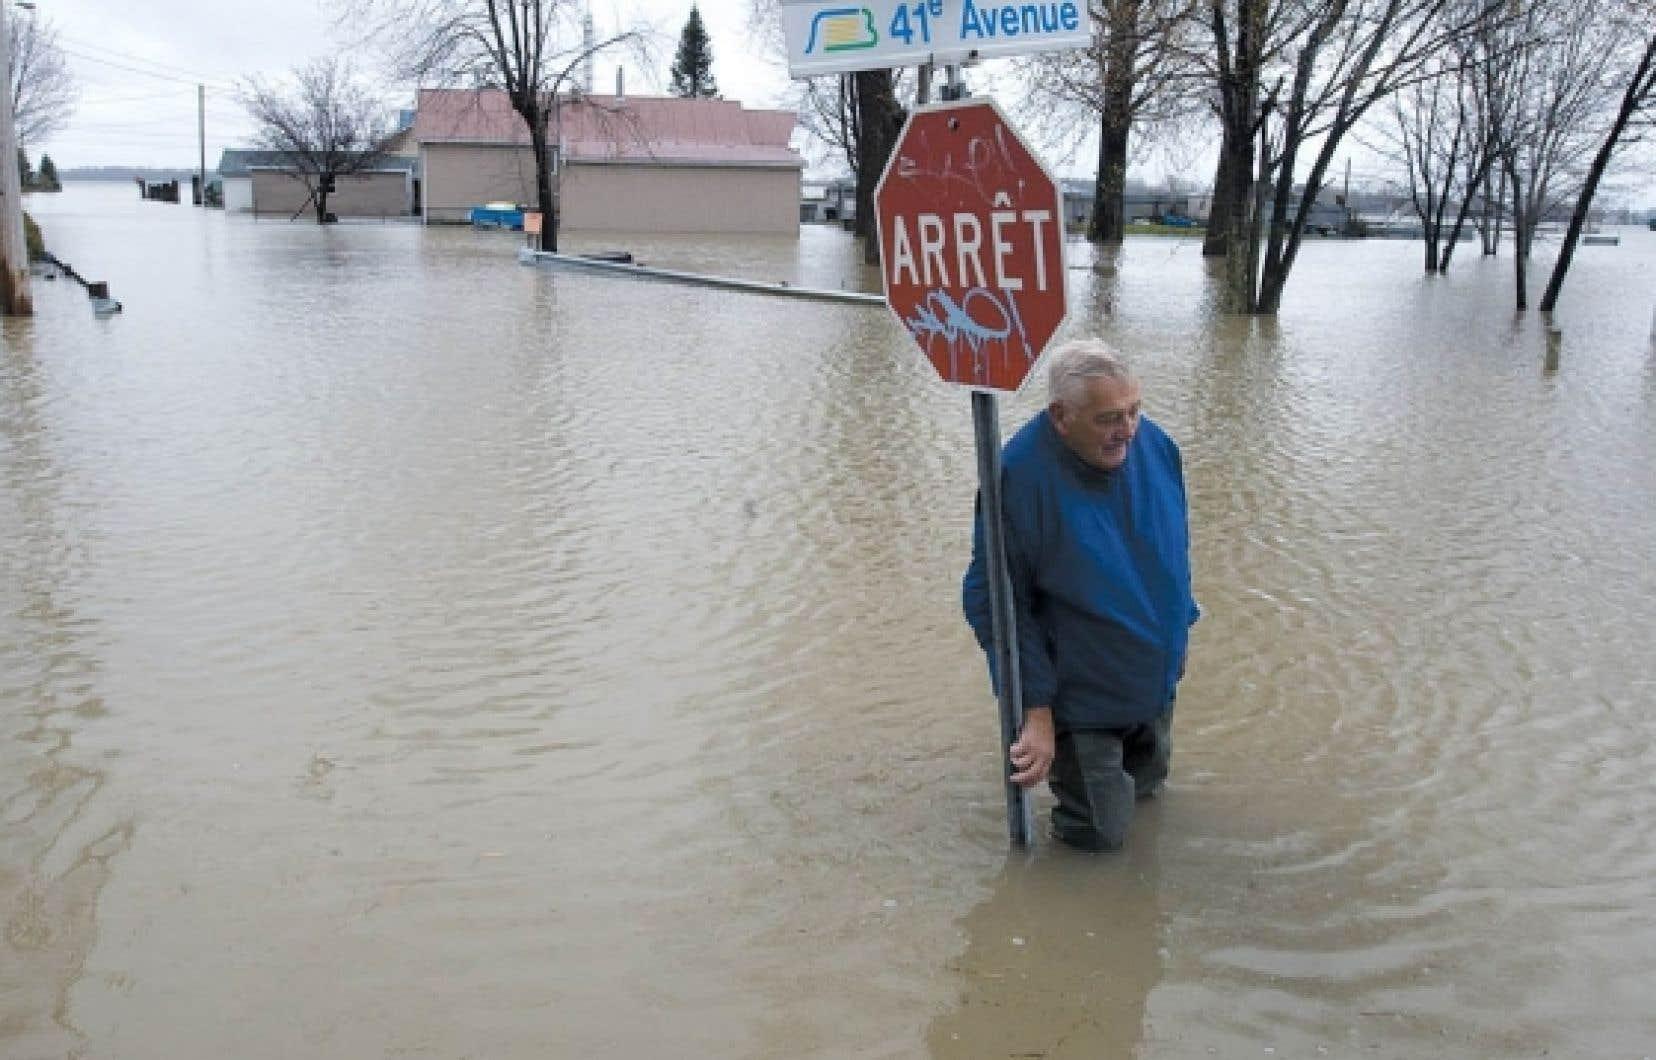 La reconstruction à l'identique vient d'être autorisée dans la zone à haut risque d'inondation du Richelieu. Sur la photo: Saint-Blaise-sur-Richelieu inondé, en mai dernier.<br />